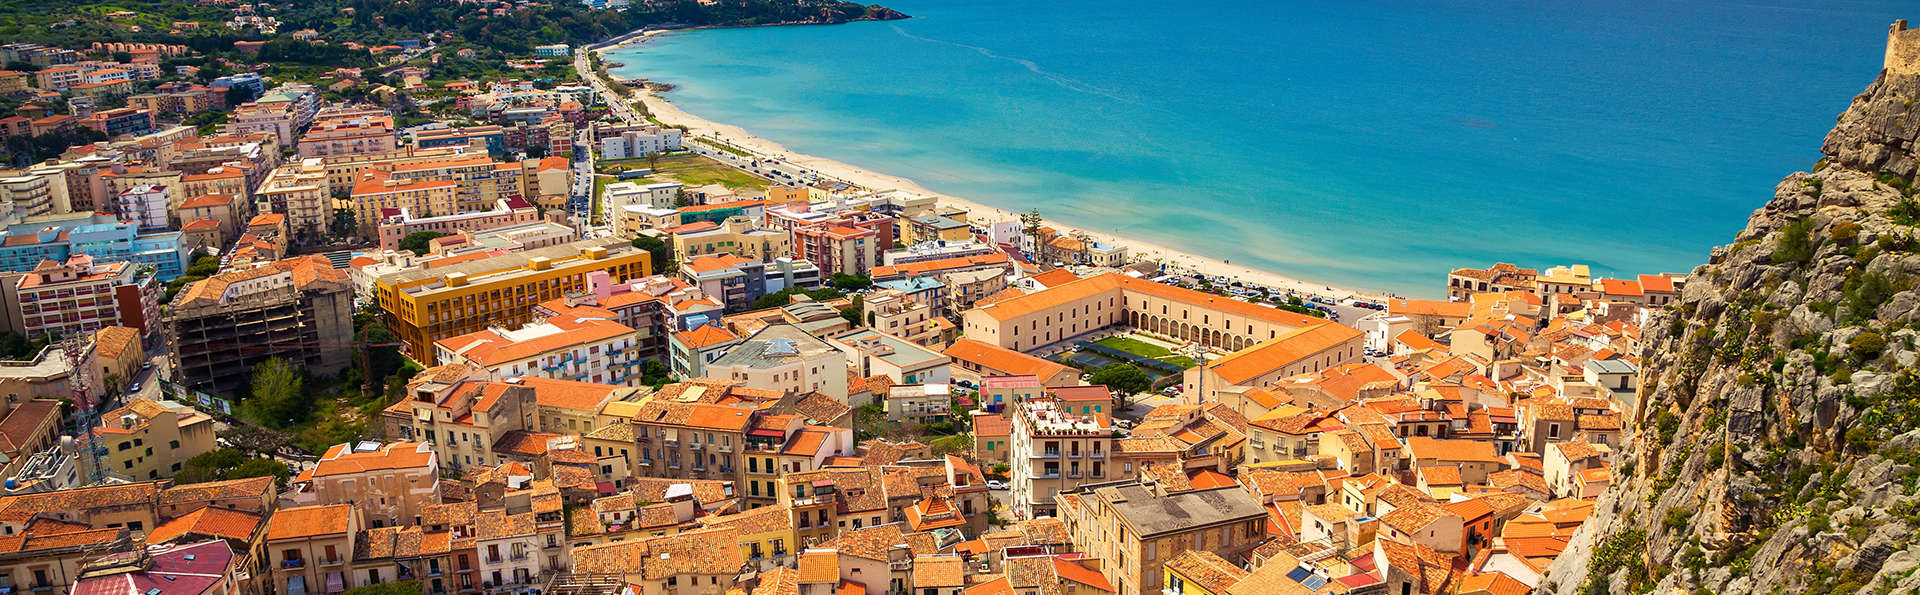 Hotel Baia del Capitano - Edit_Destination.jpg